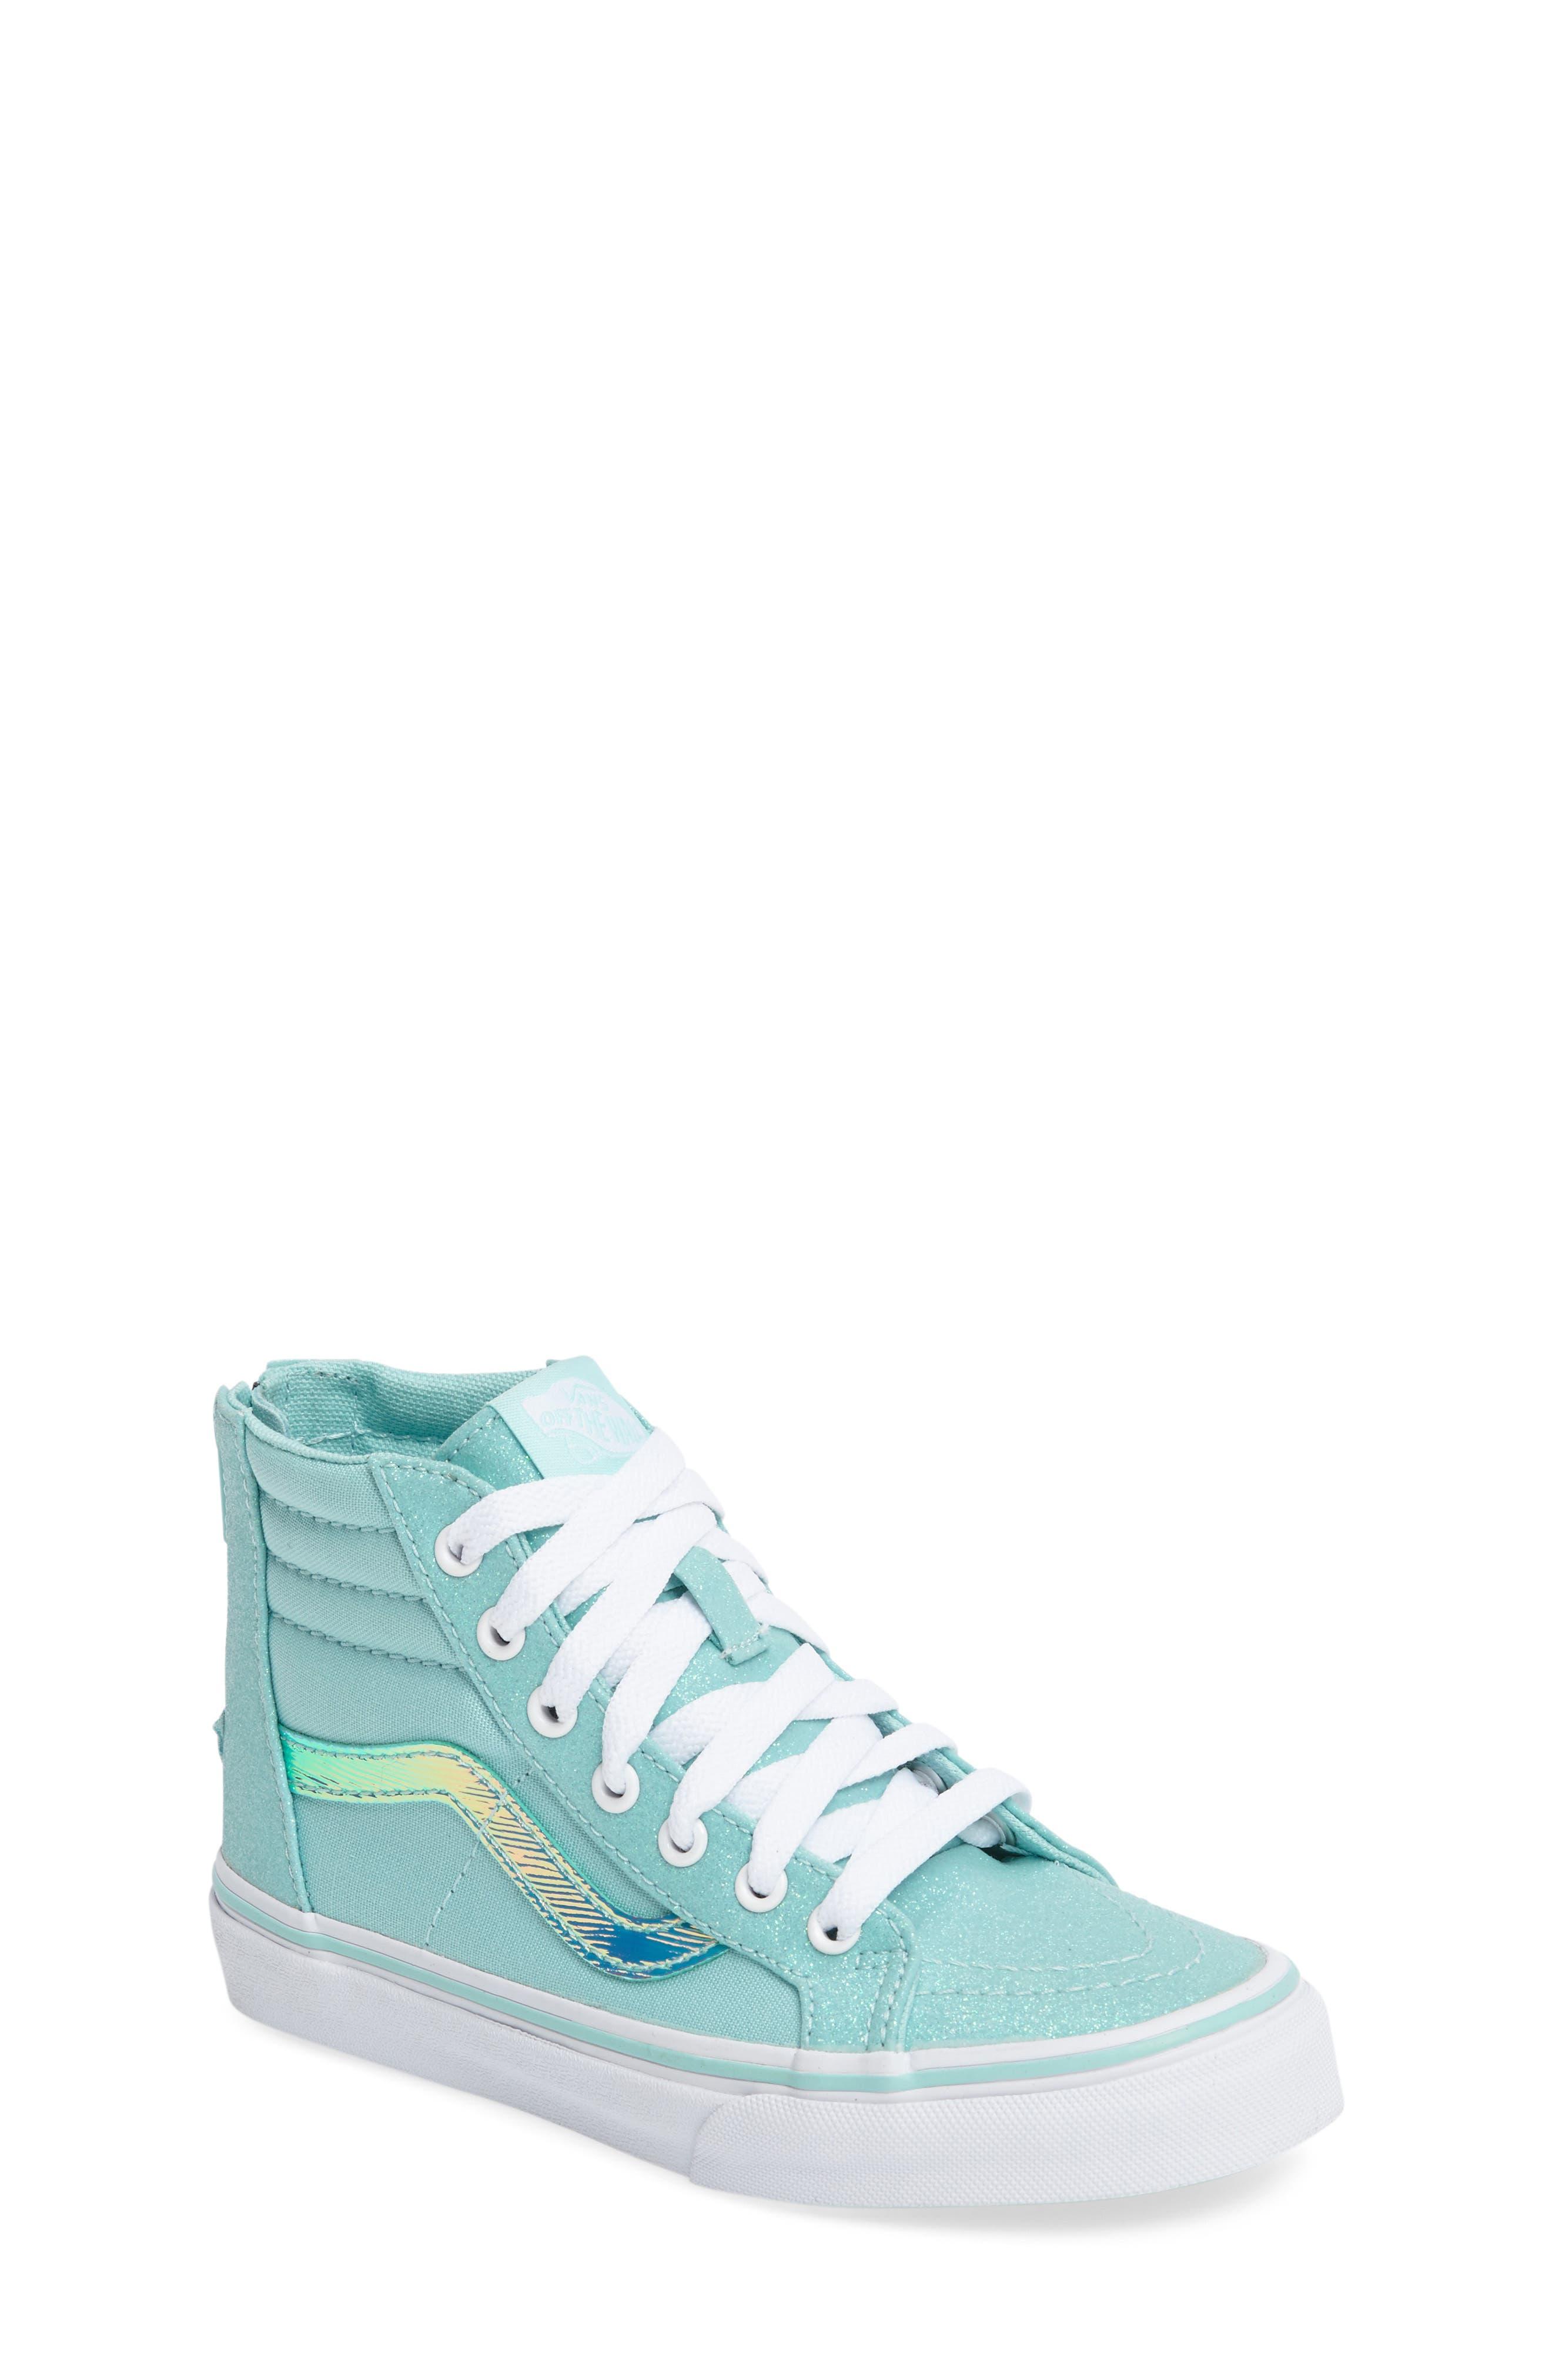 Sk8-Hi Zip Sneaker,                             Main thumbnail 1, color,                             450